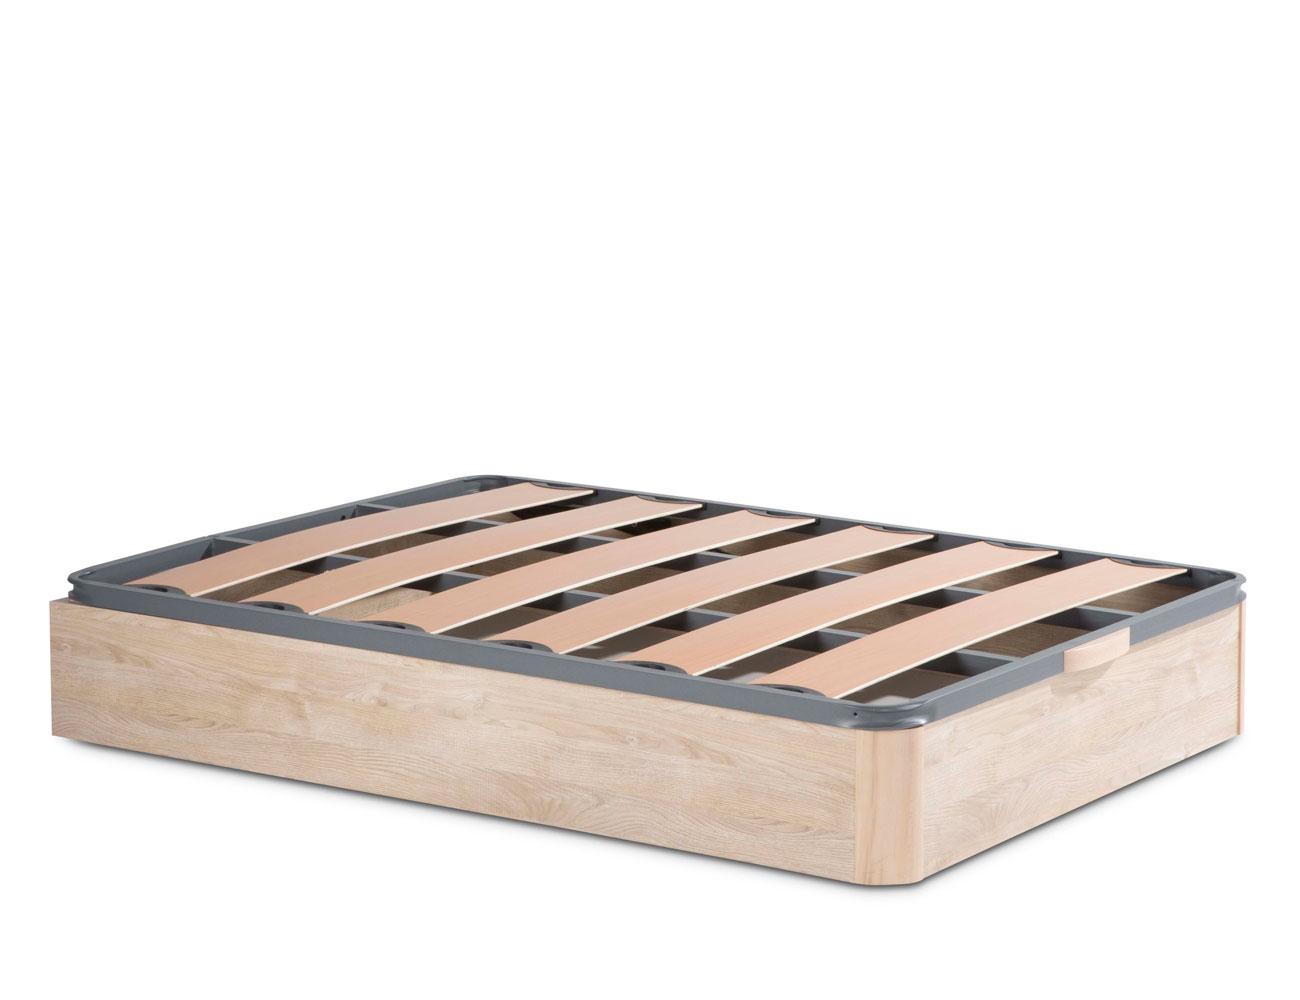 Canape madera somier laminas pvc 7822